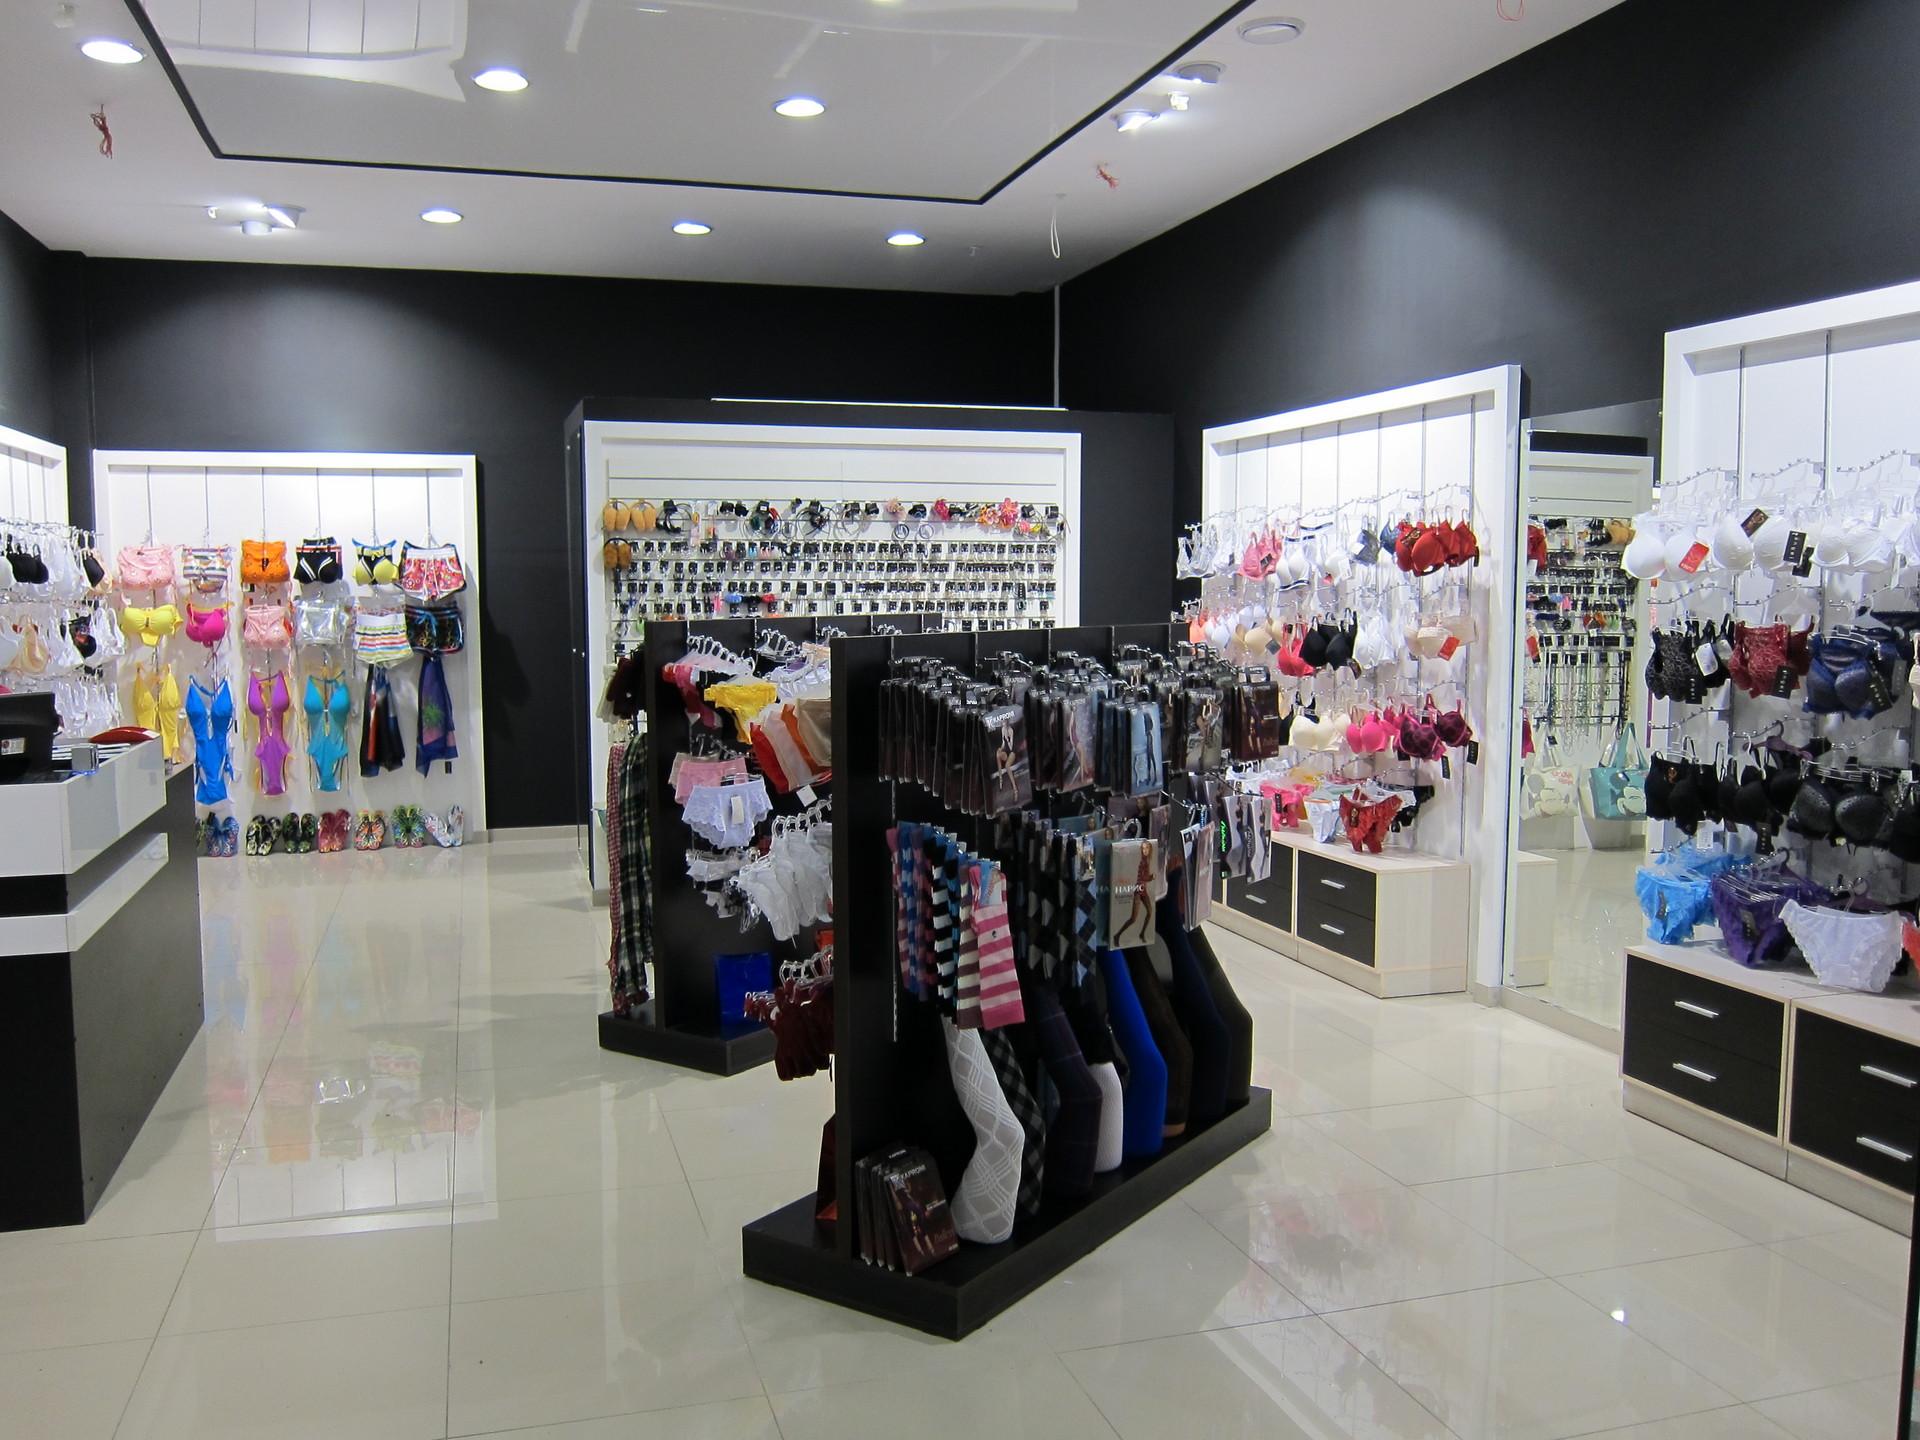 Бизнес магазин нижнего белья 14 фотография